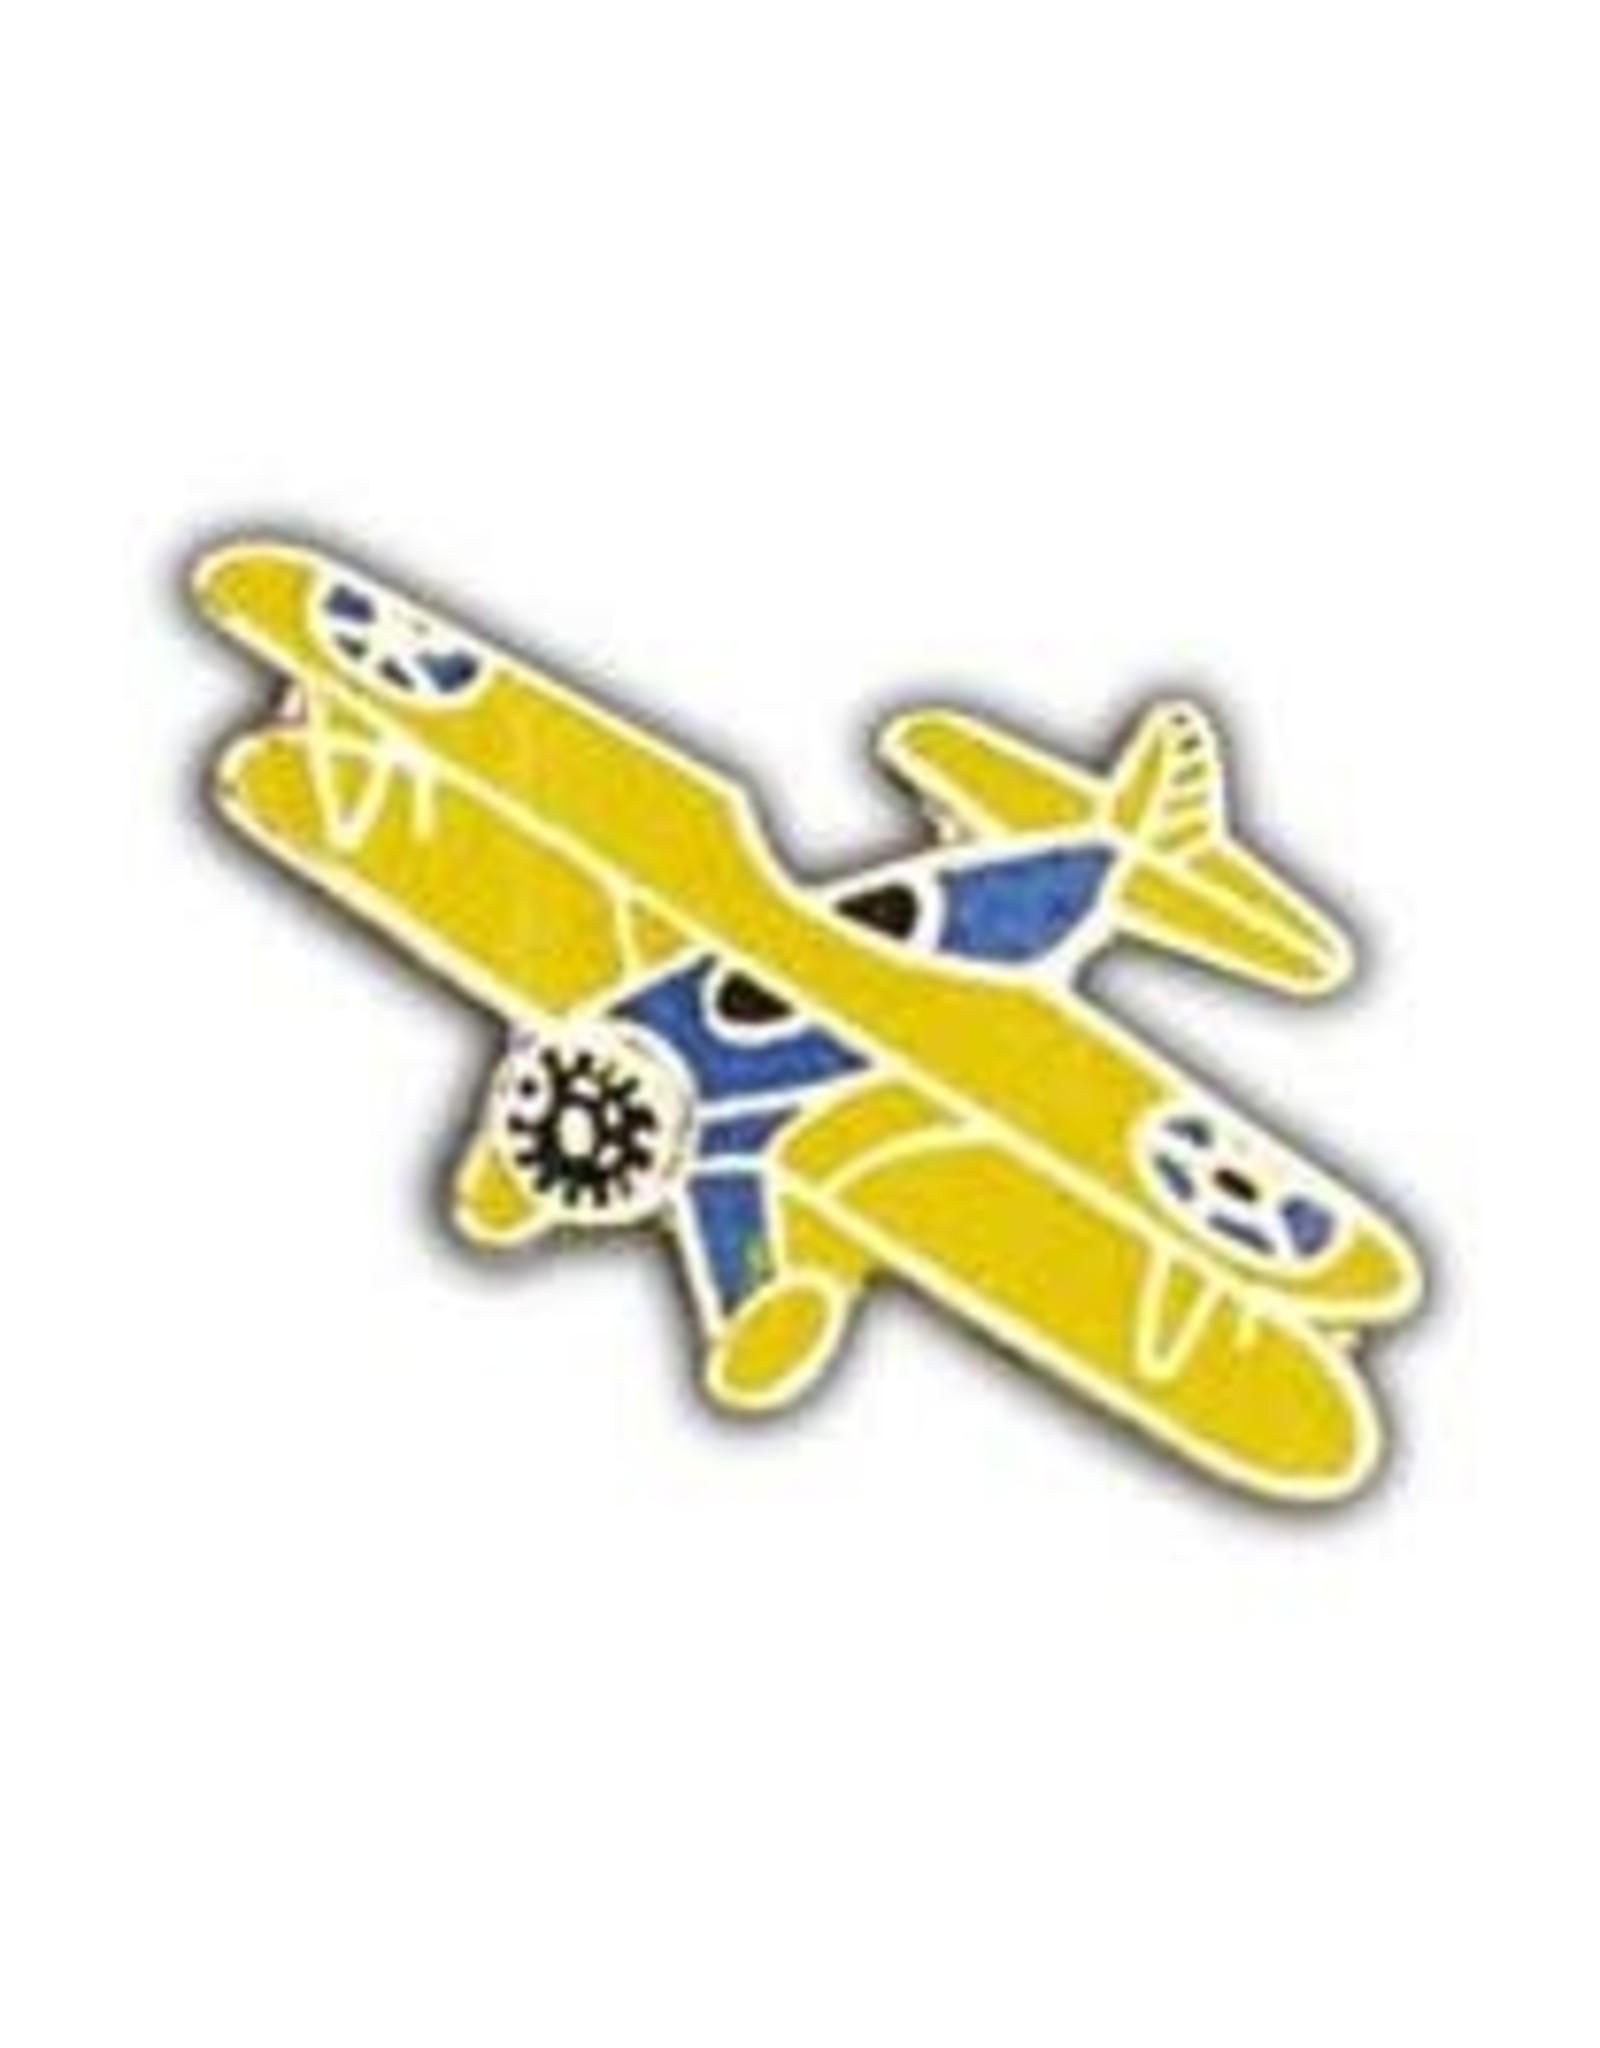 Pin - Airplane Steerman PT17USN